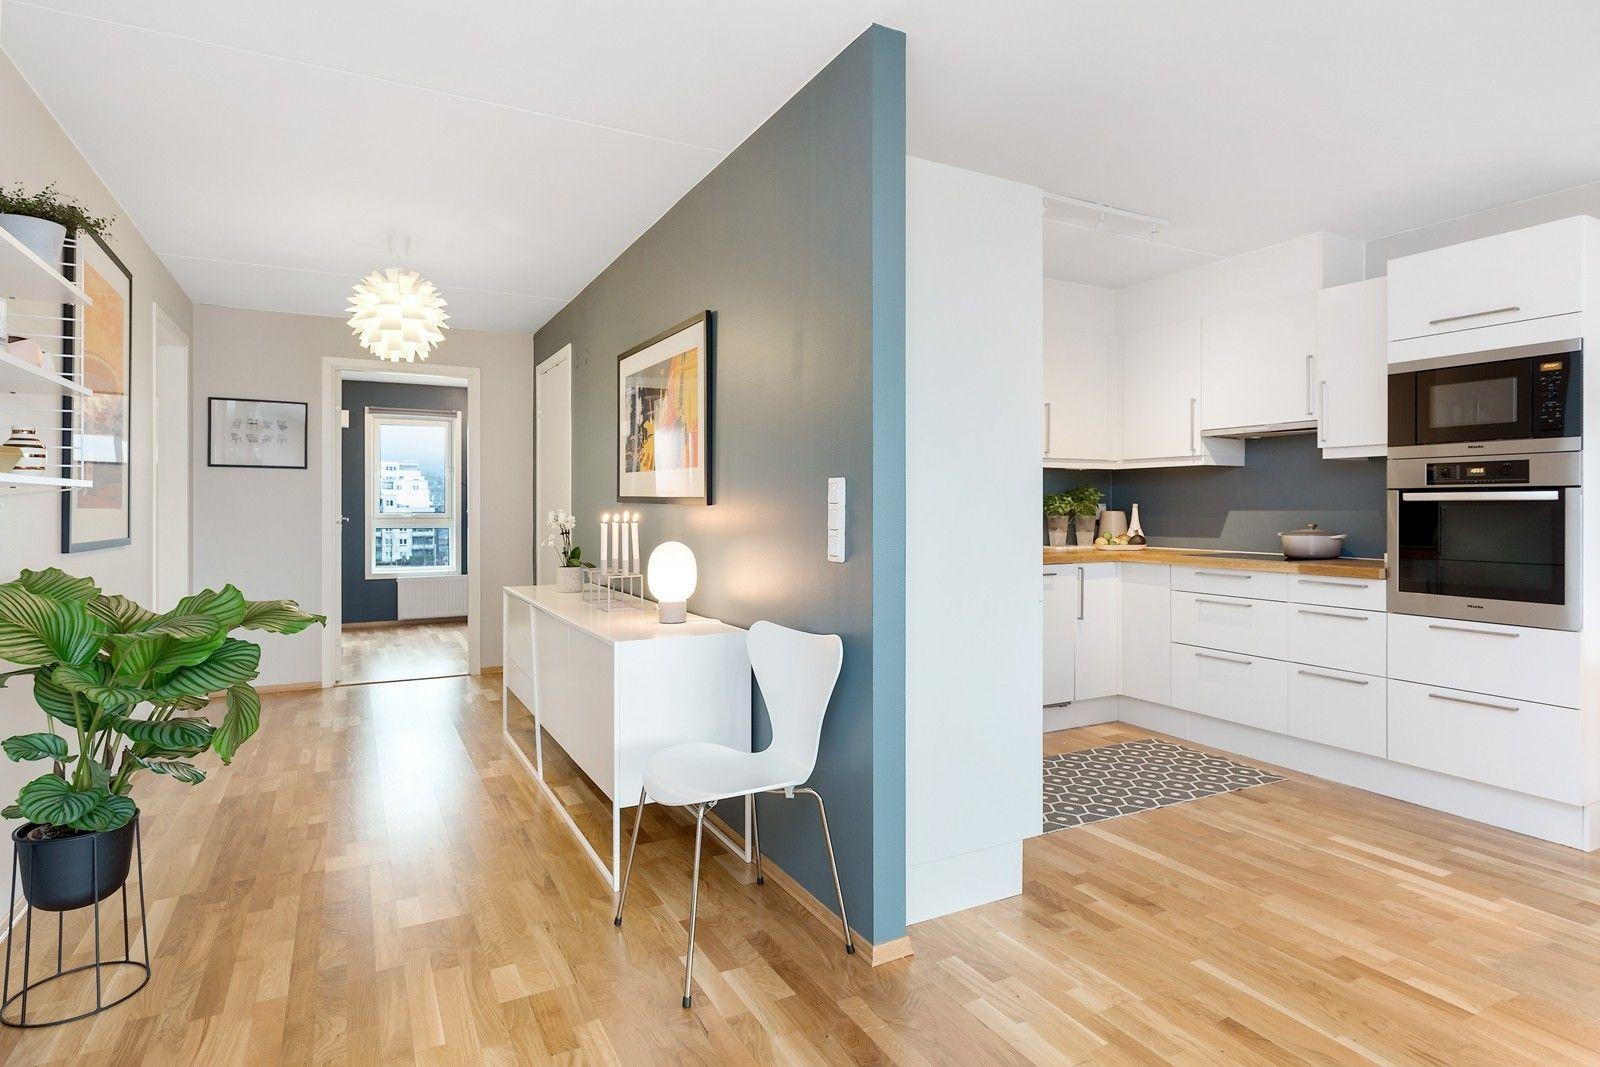 FINN – Lørenhagen - Lys og lekker 3-roms med gasspeis, HTH-kjøkken, lun balkong, garasjeplass i lukket anlegg. Heis til alle pl